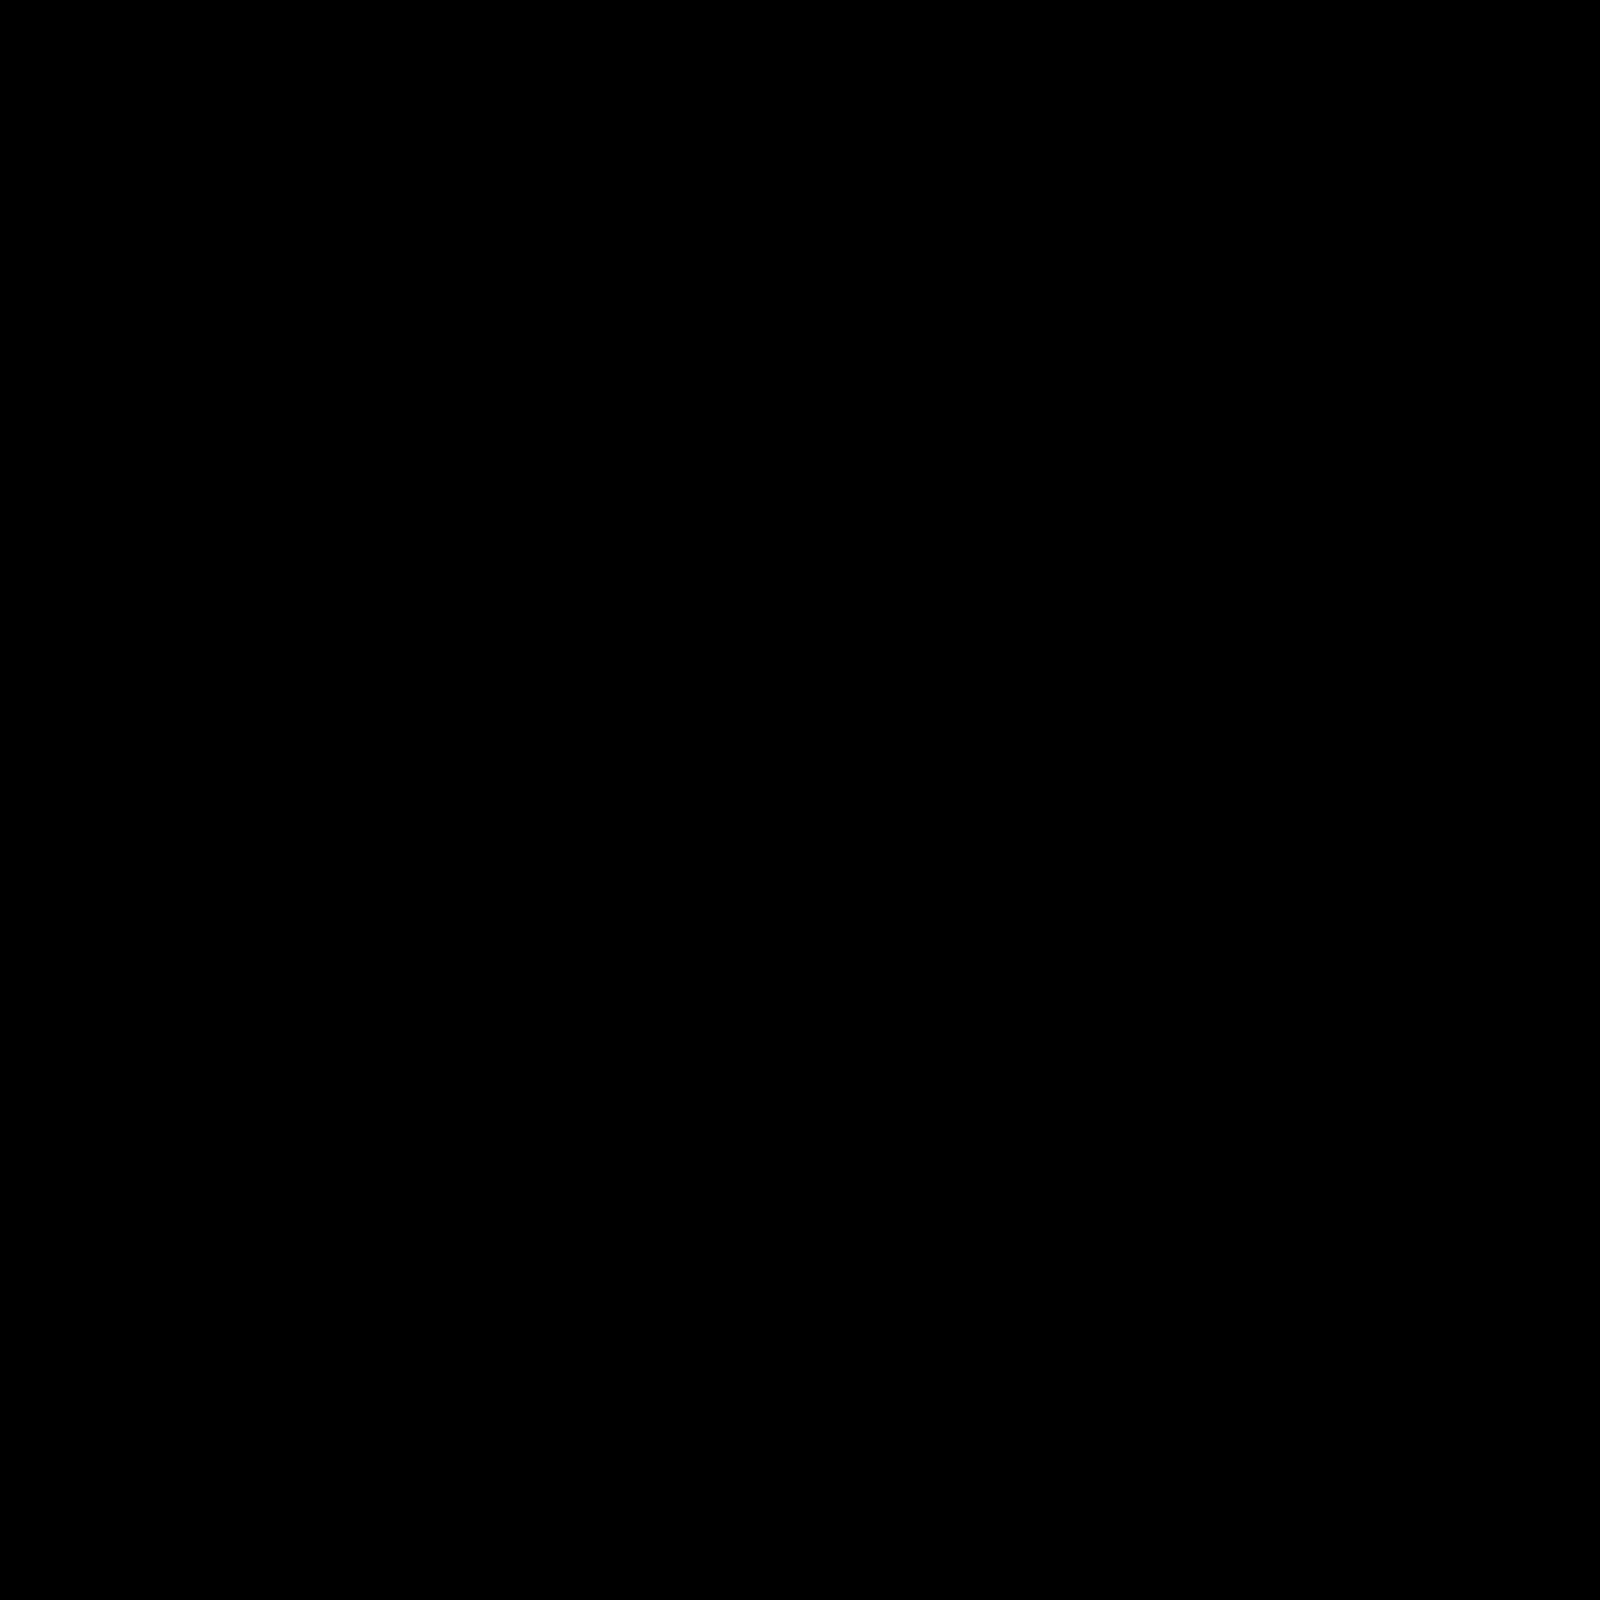 Balon serce icon